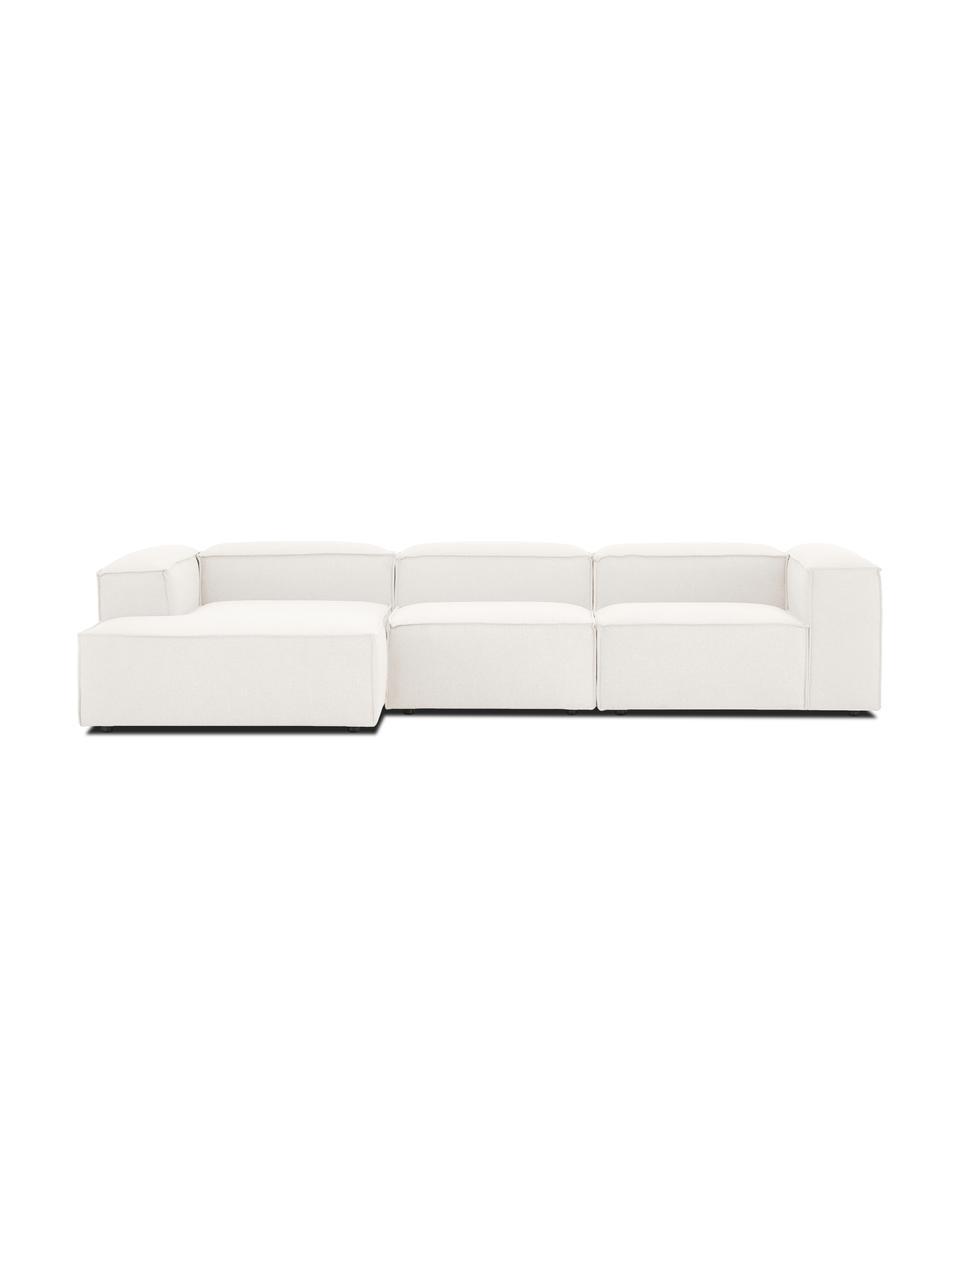 Narożna sofa modułowa Lennon, Tapicerka: 100% poliester Dzięki tka, Stelaż: lite drewno sosnowe, skle, Nogi: tworzywo sztuczne Nogi zn, Beżowy, S 327 x G 180 cm